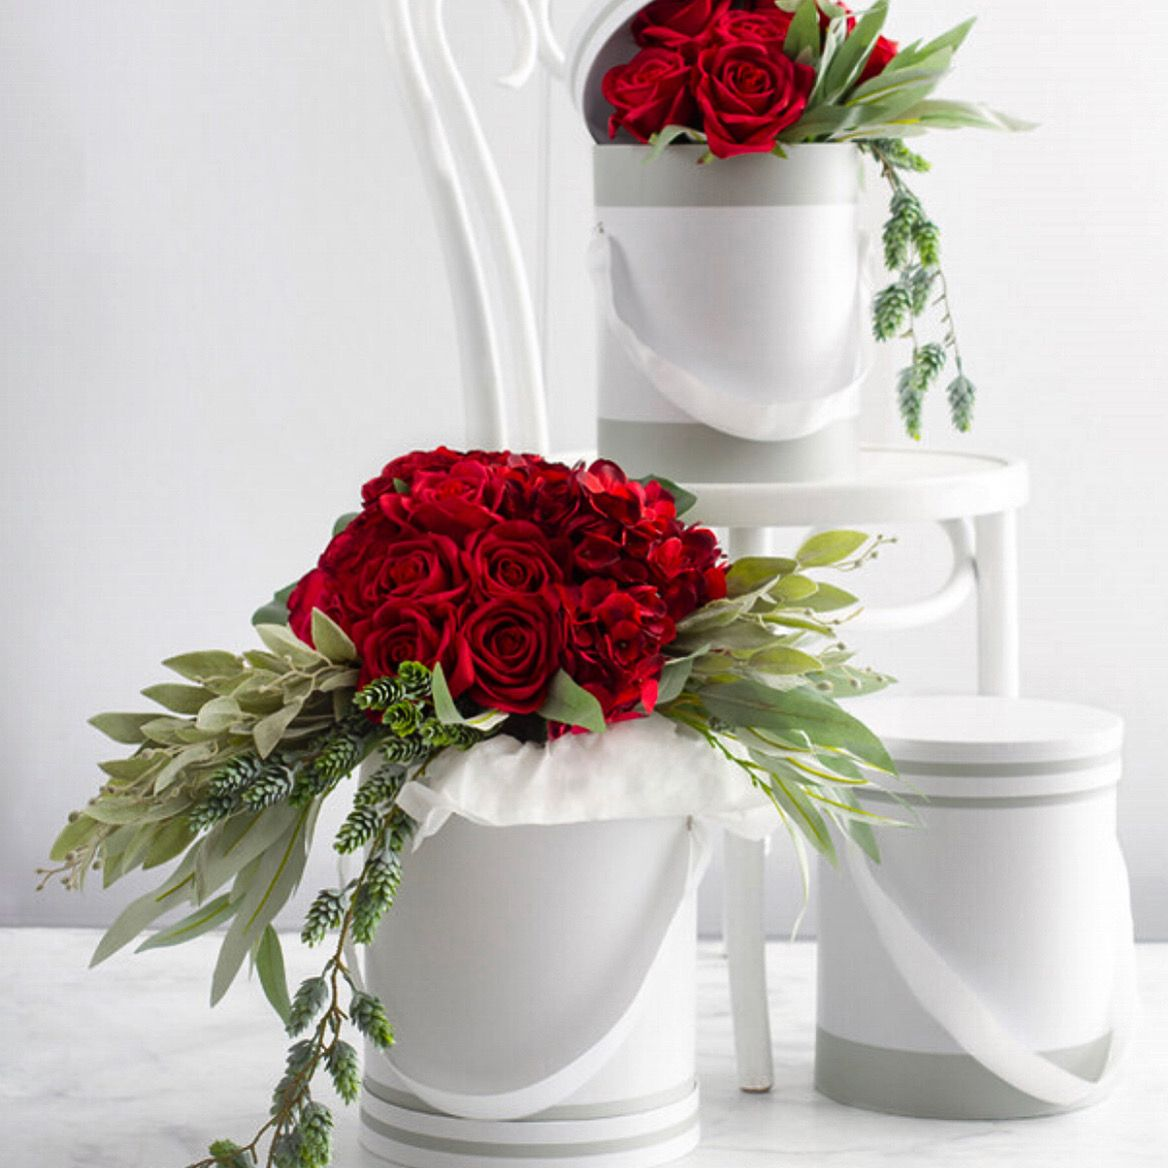 Hat Flower Box Deluxe Cheri Sage Grey Wht (24.5Dx30cmH)Set